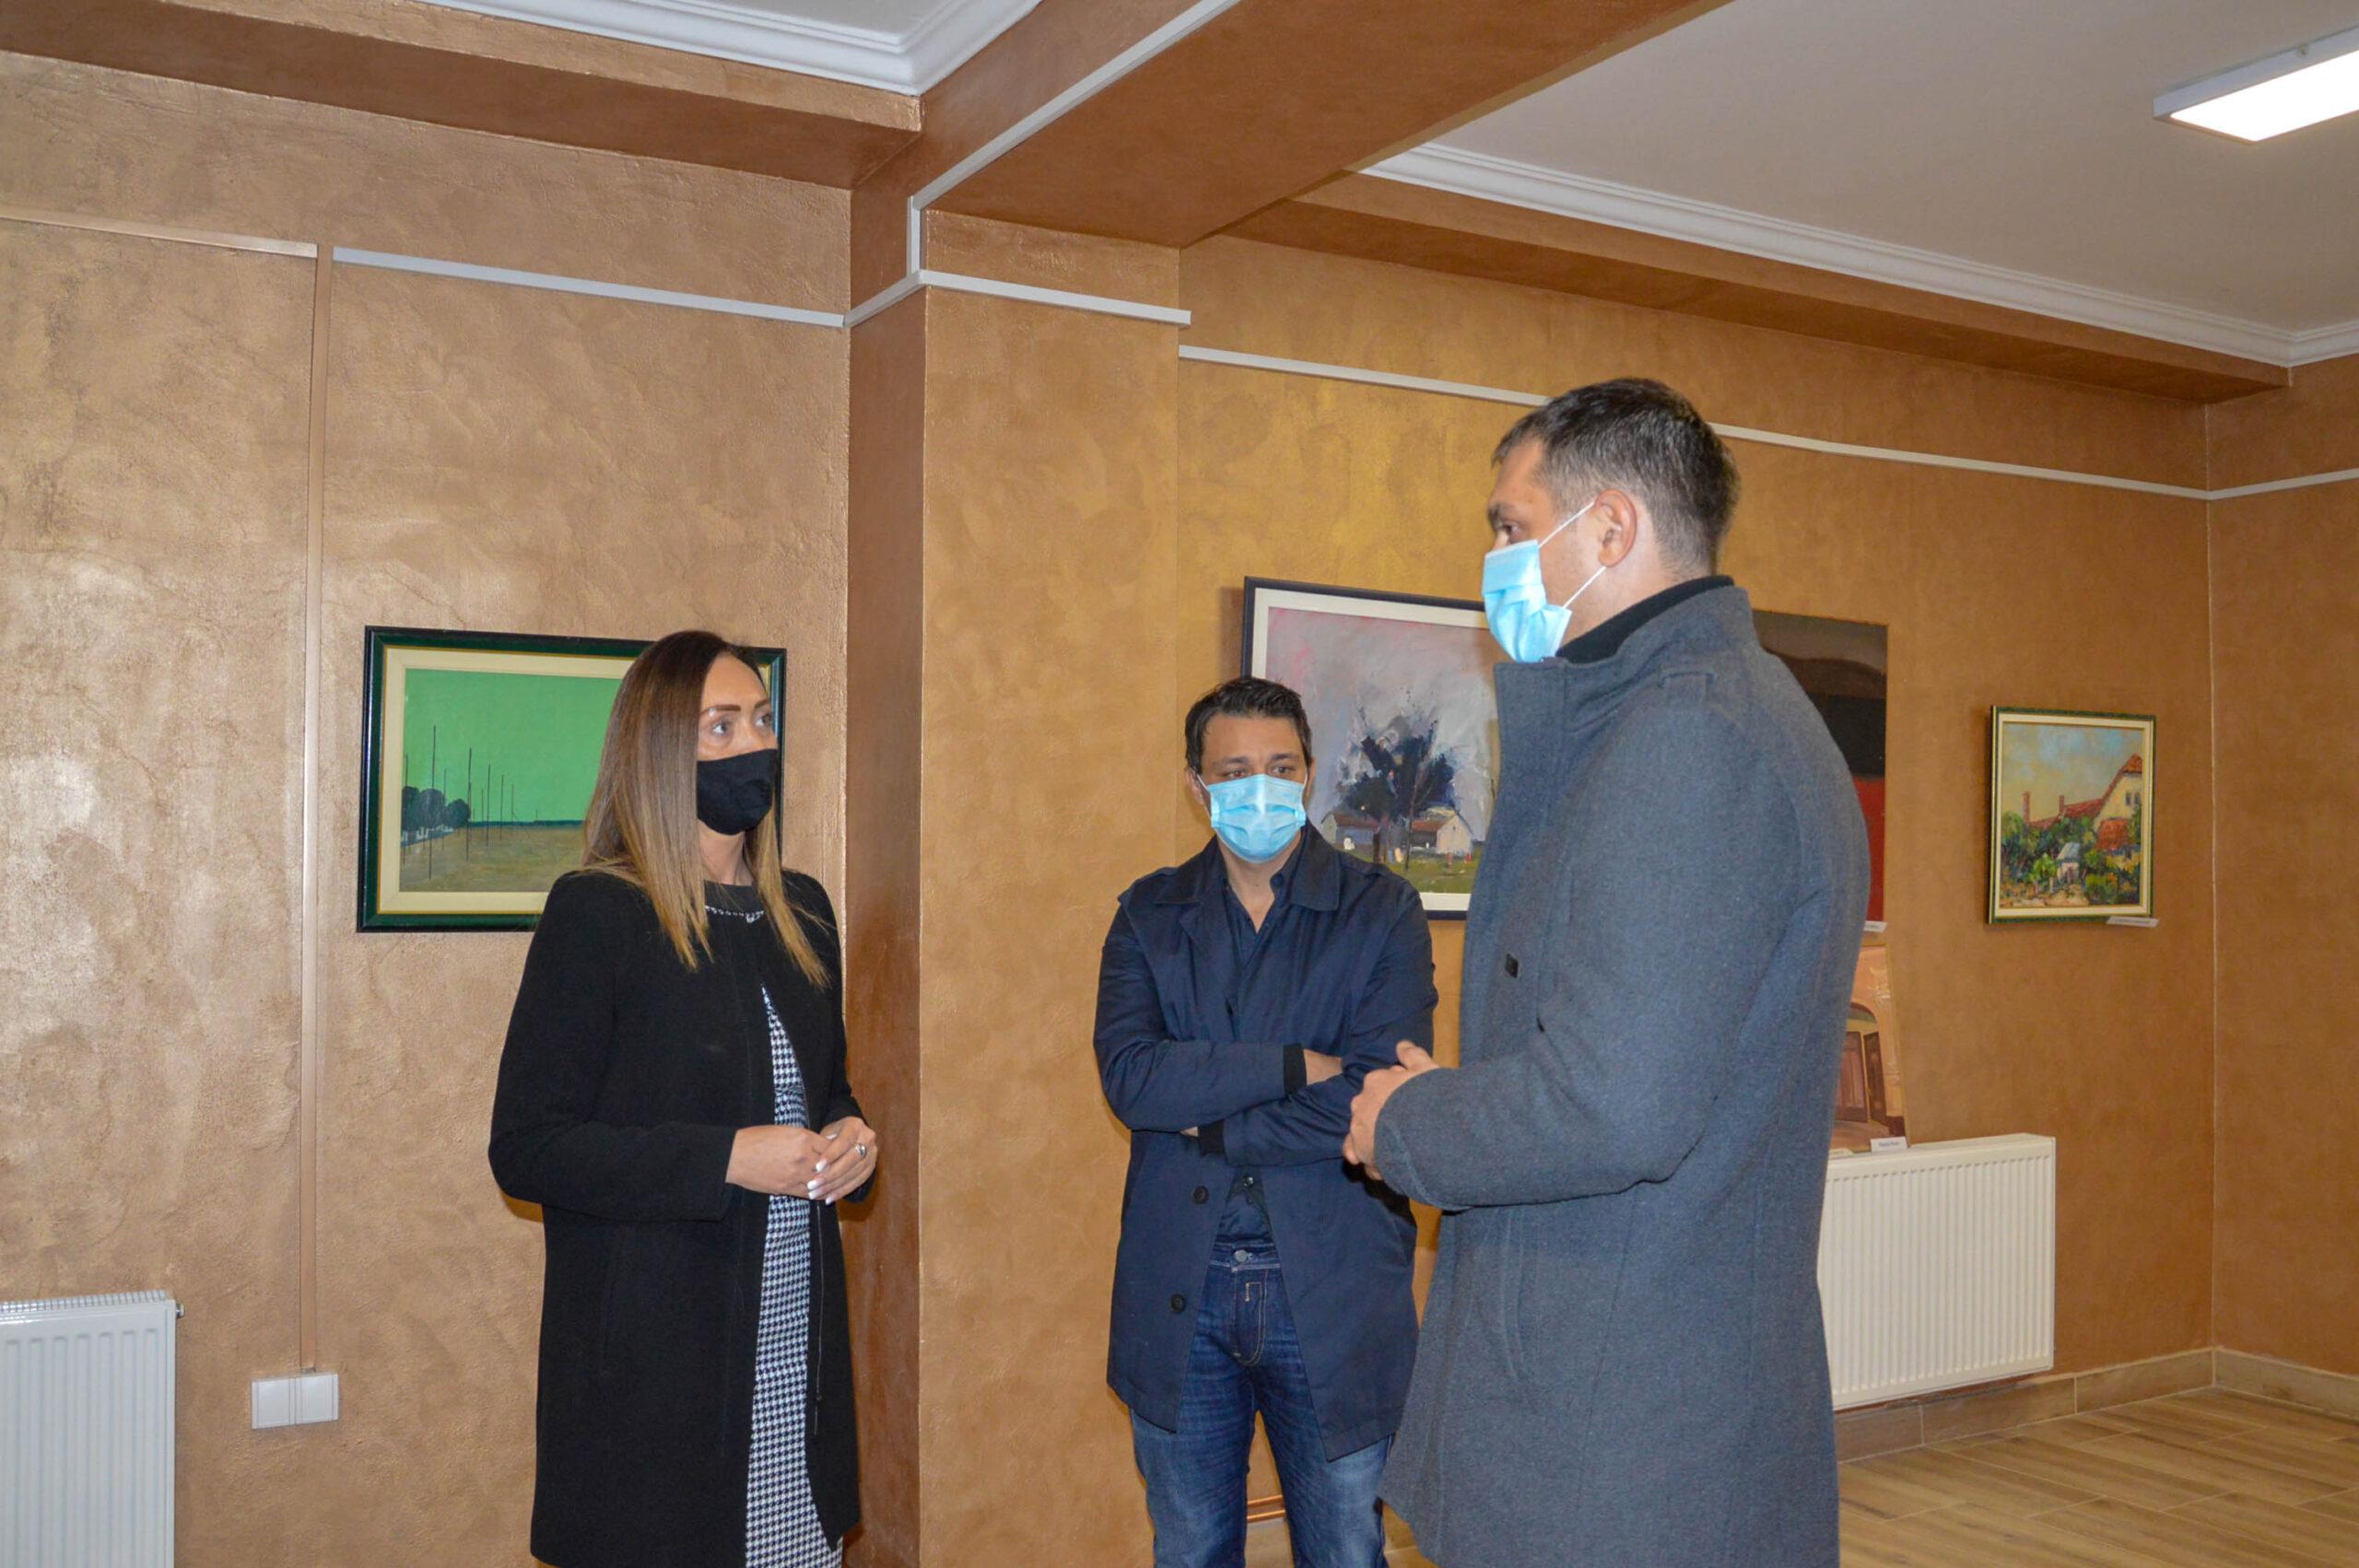 Zvanično predstavljena veb prezentacija kulturno – istorijskog nasleđa opštine Žabalj